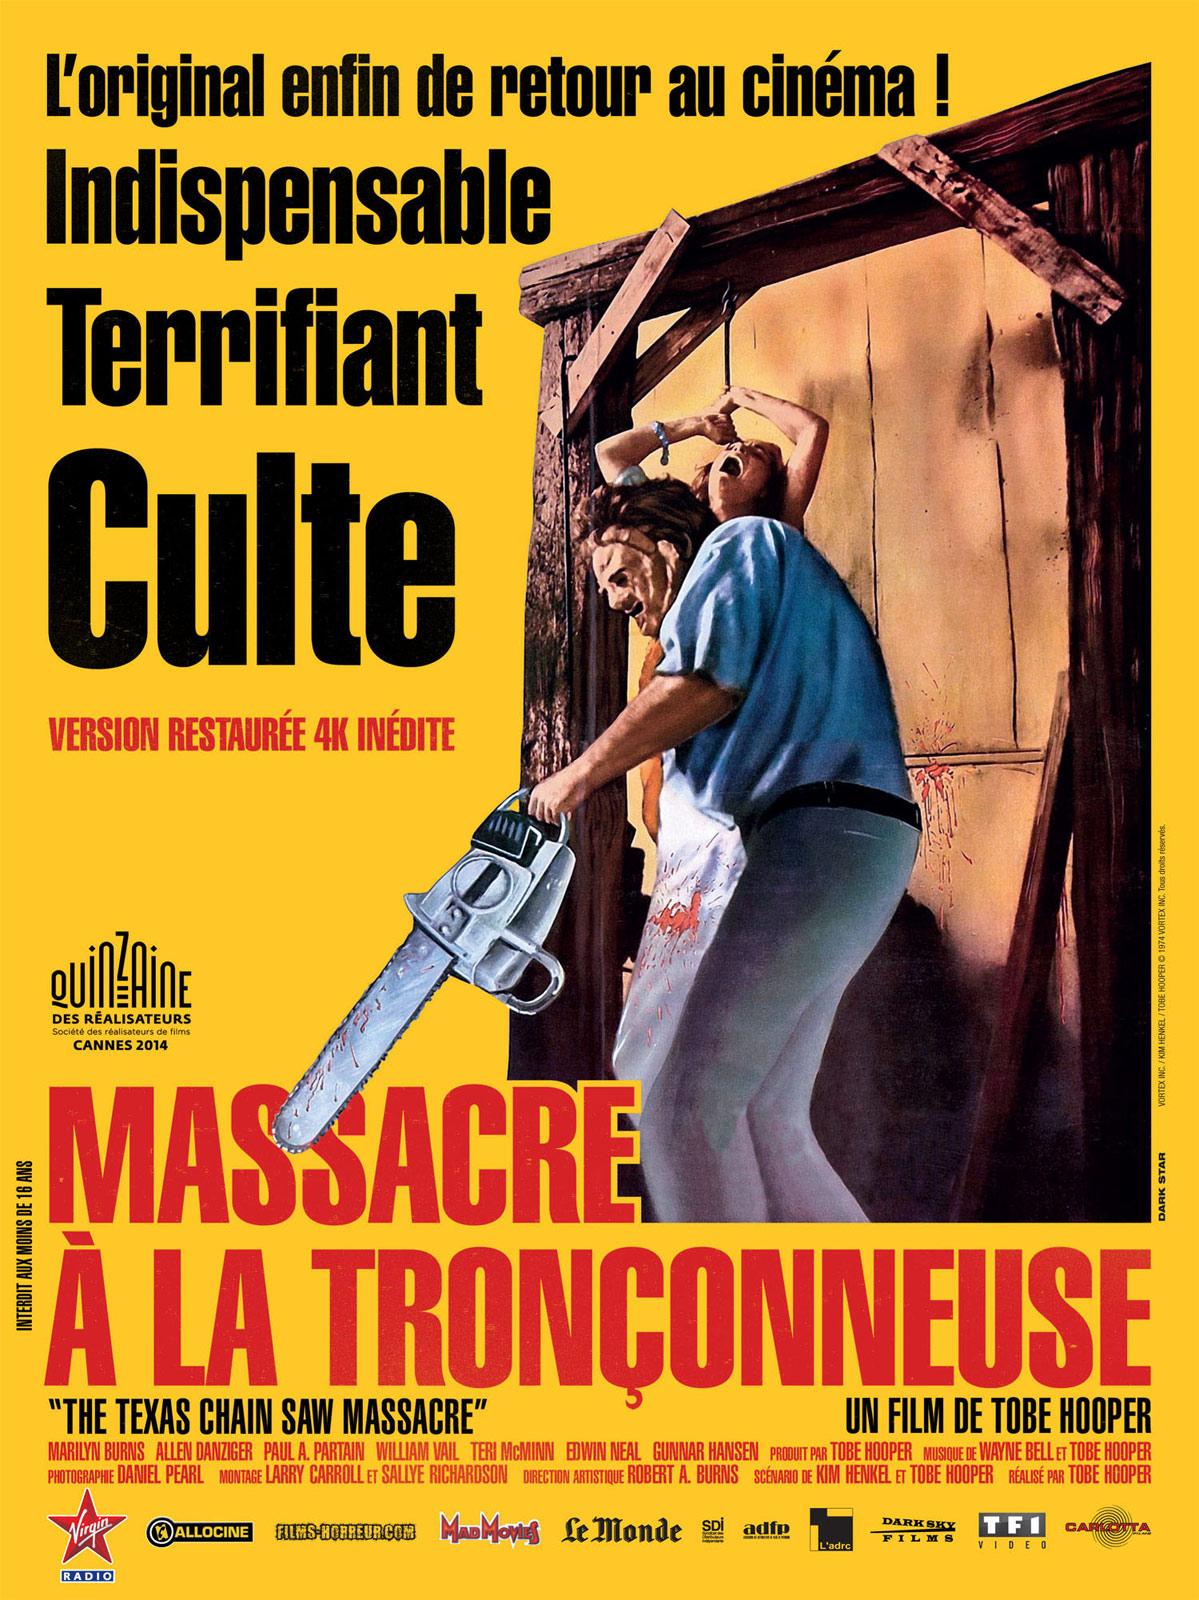 MASSACRE TRONCONNEUSE LA TÉLÉCHARGER 1974 A